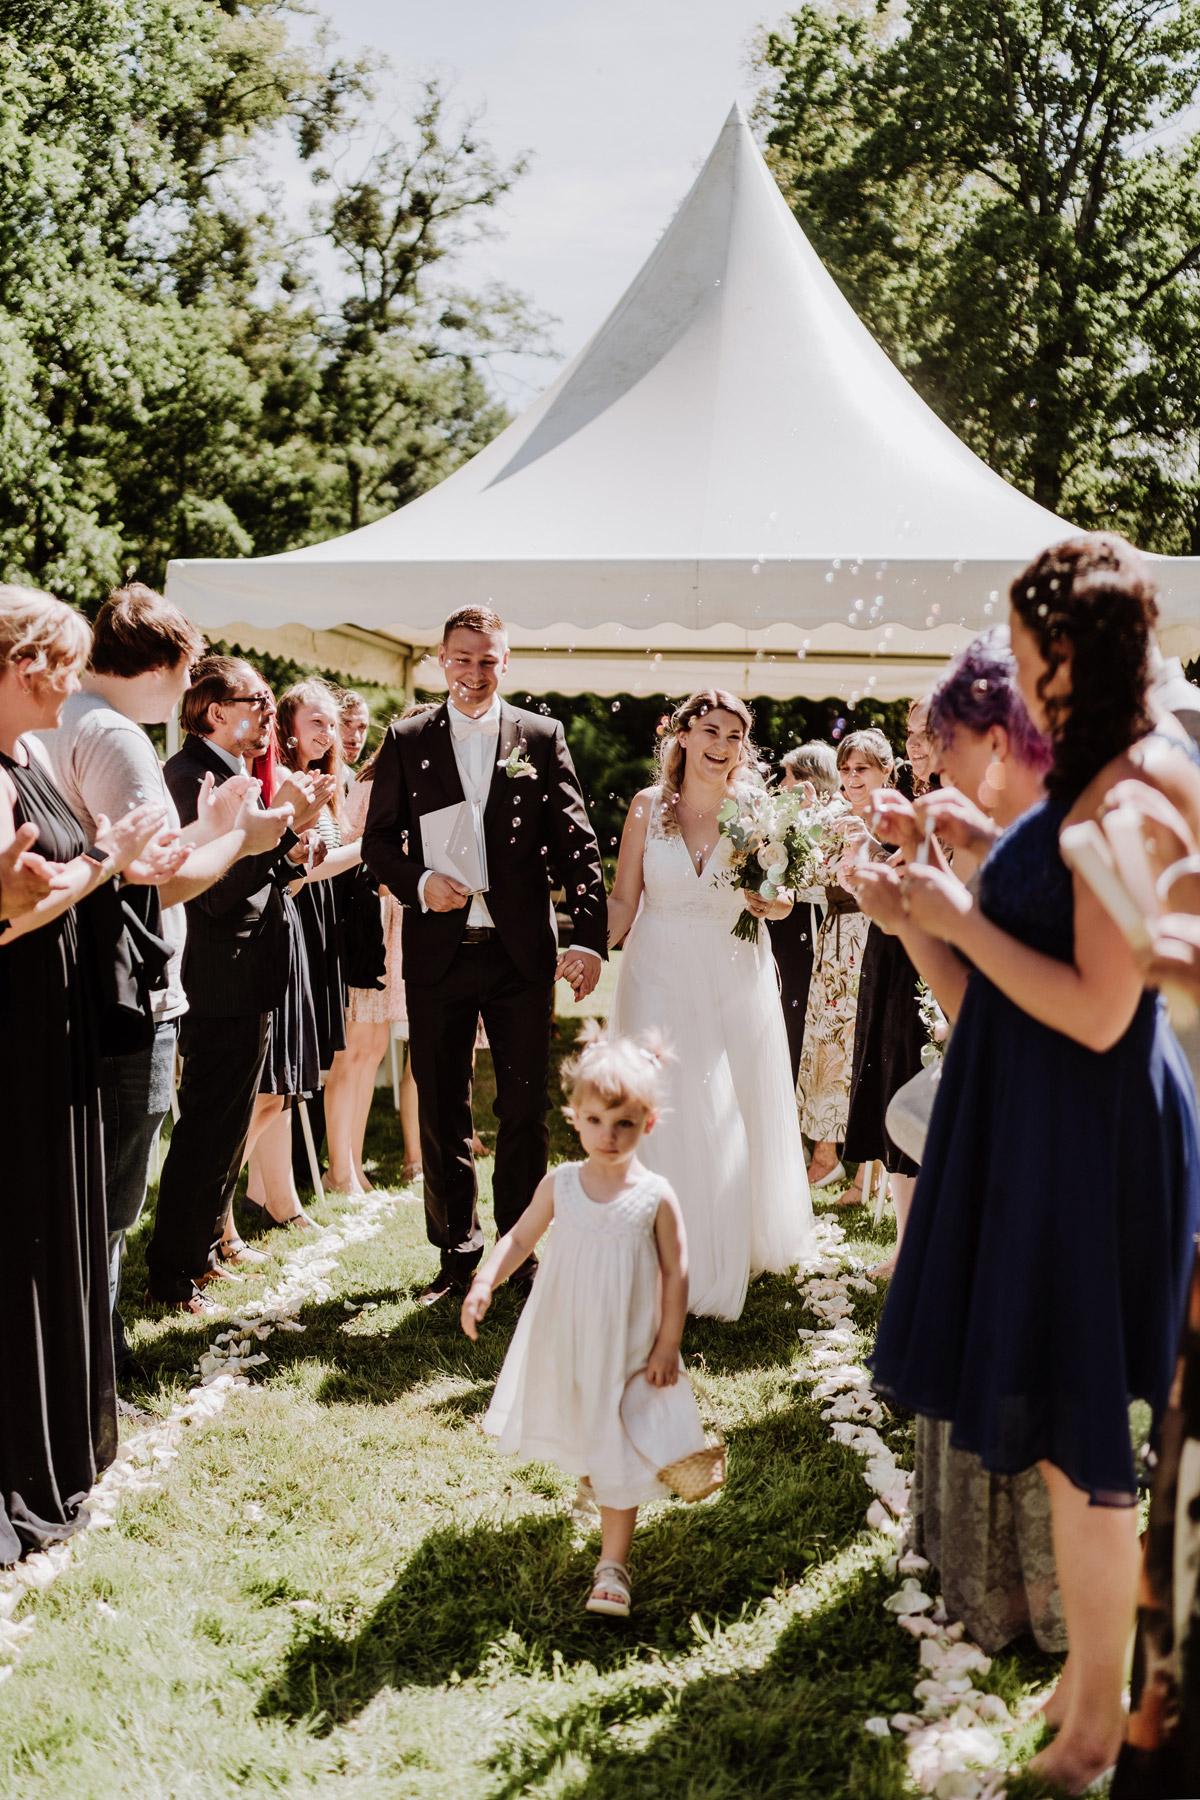 Hochzeit draußen mit Zelt für Standesamt, Idee für Auszug, natürliche Hochzeitsfotos auf Schloss Kartzow - Hochzeitsfotos Berlin © www.hochzeitslicht.de #hochzeitslicht